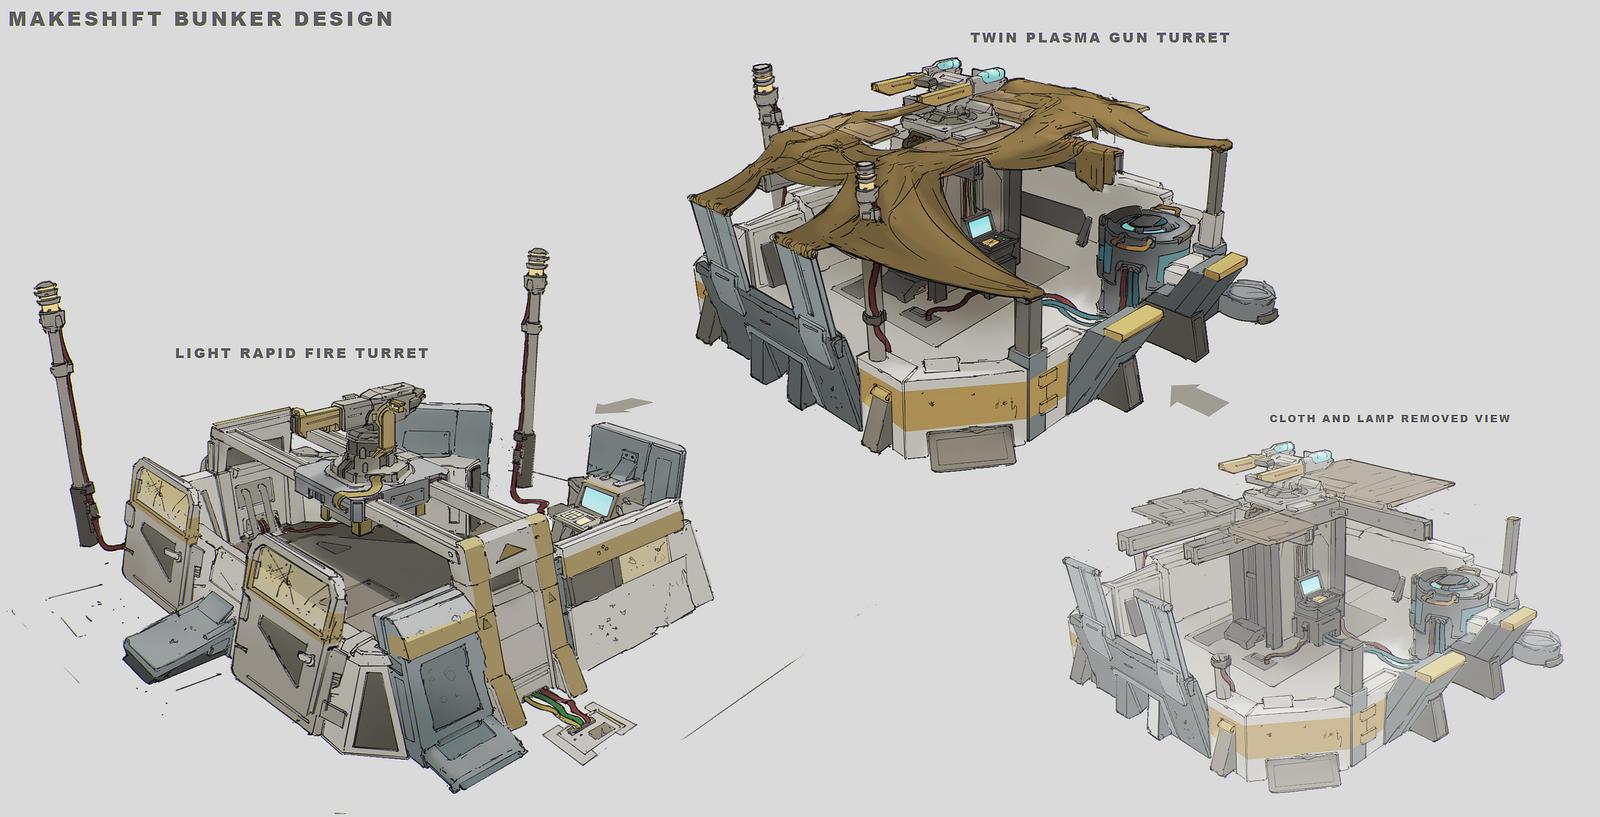 Tuebor Makeshift Bunker Design By FranklinChan On DeviantArt